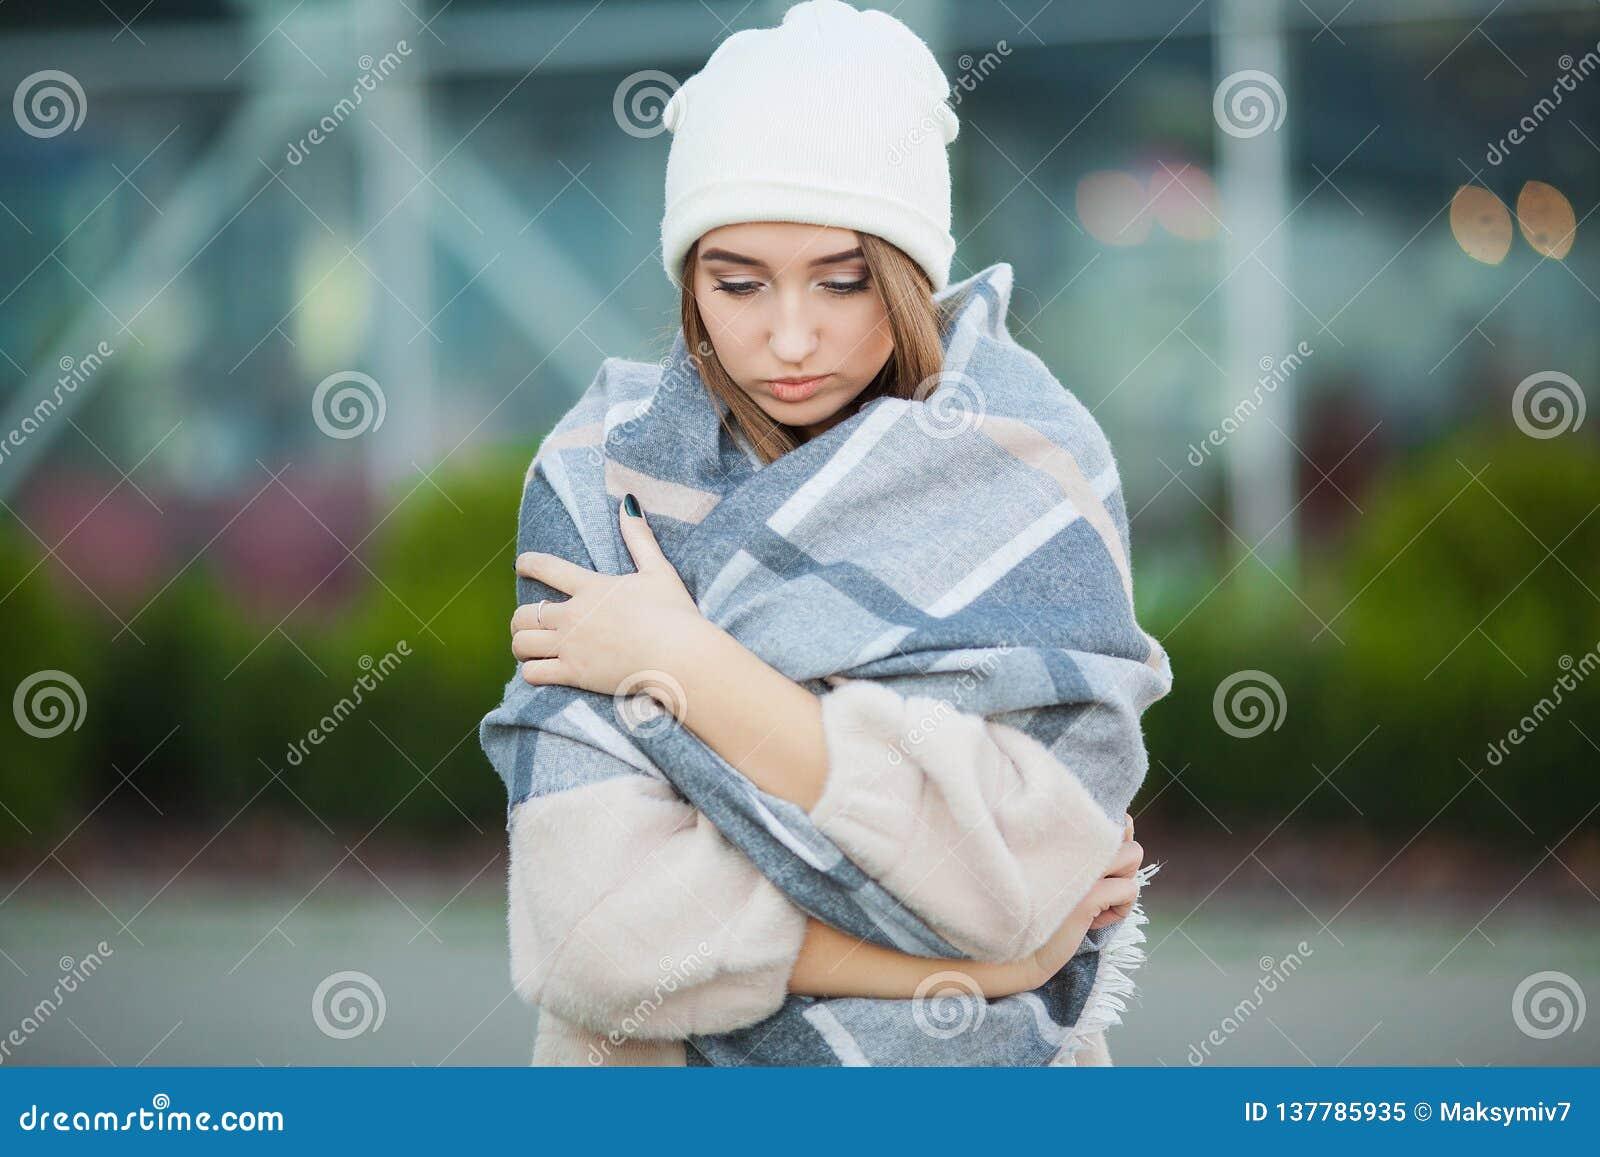 Kall influensa Kvinnan får sjuk och hosta som bär höstkläder